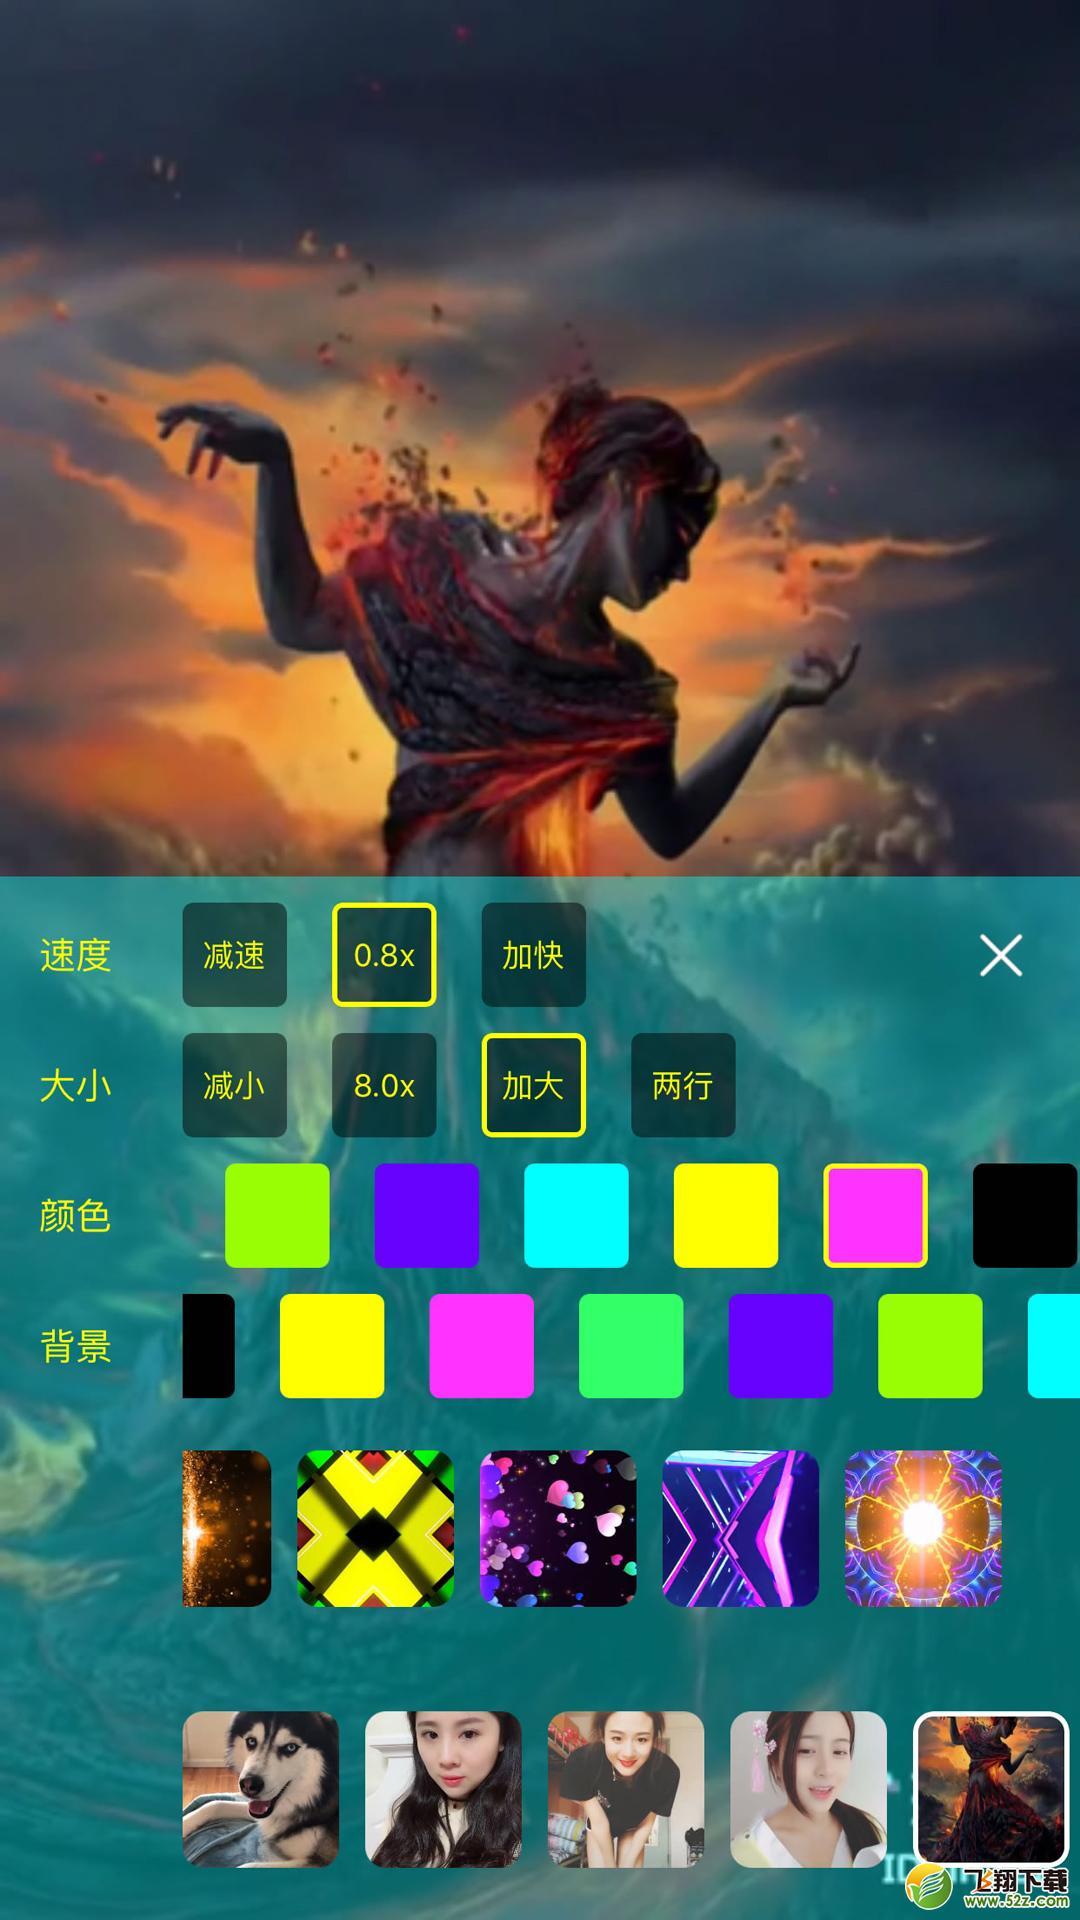 手持弹幕led显示屏V1.4 安卓版_52z.com